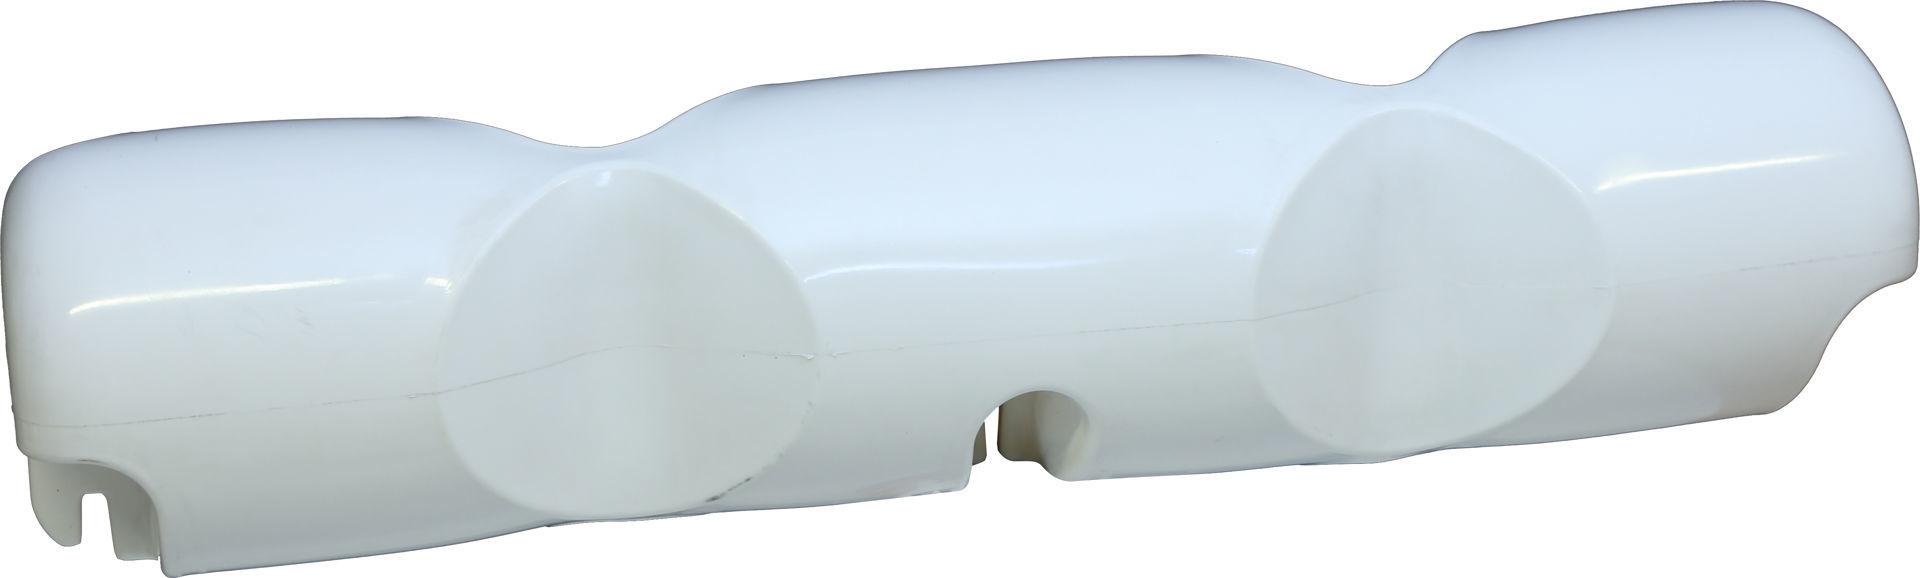 Bilde av Bryggefender - Fleksibel og luftfylt